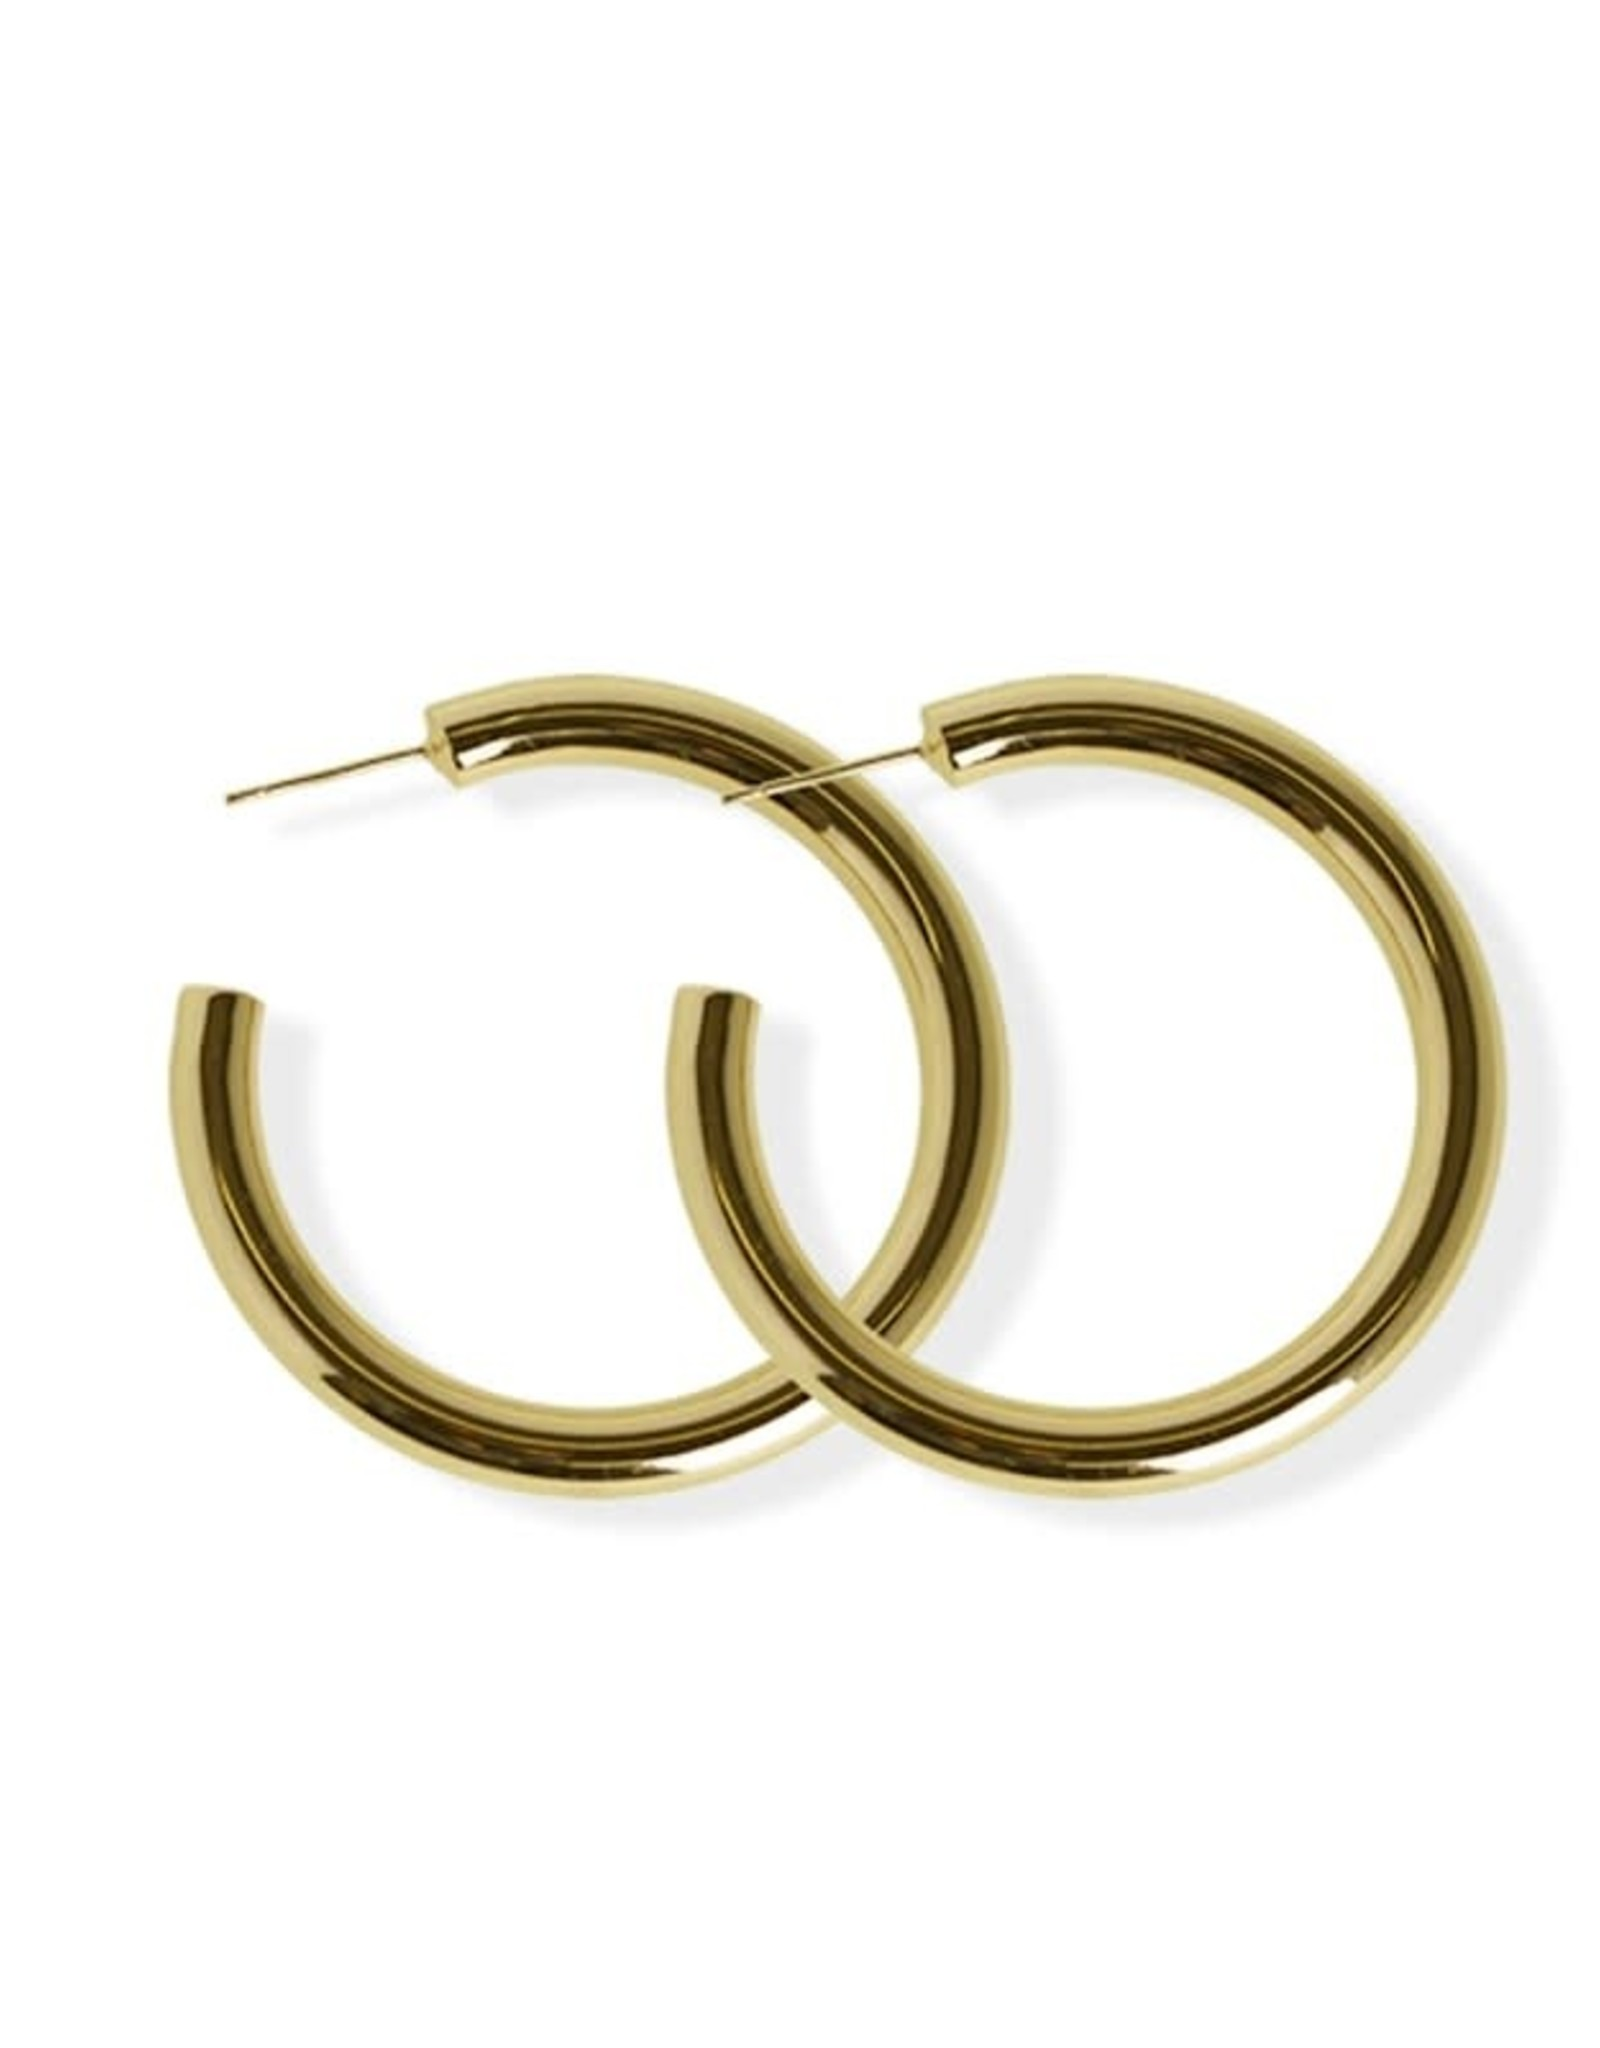 Fab accessories Anneaux épais 40mm en acier inoxydable - Or